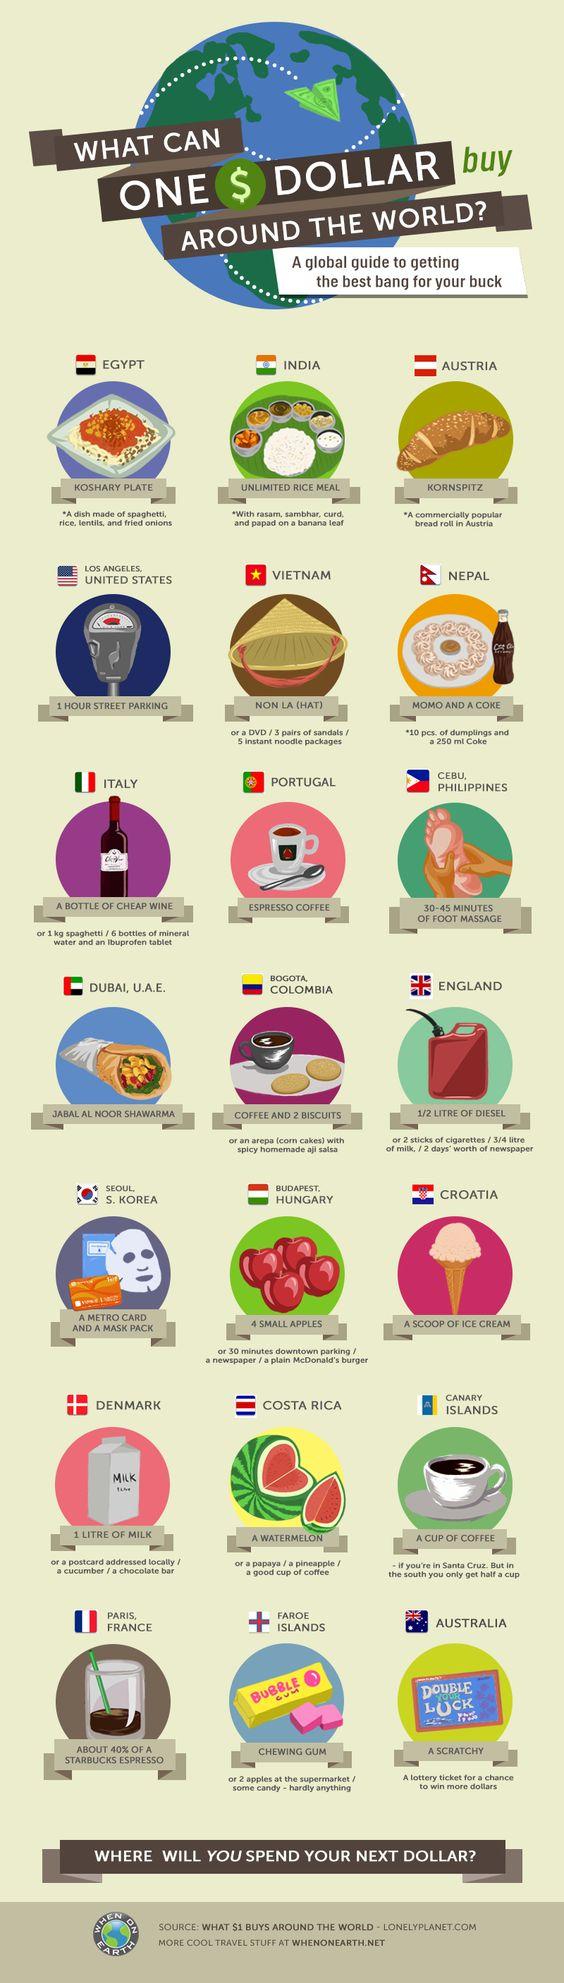 L'infographie du jour : que mange-t-on pour un dollar dans plusieurs pays du monde ? https://fr.pinterest.com/pin/373024781614066644/